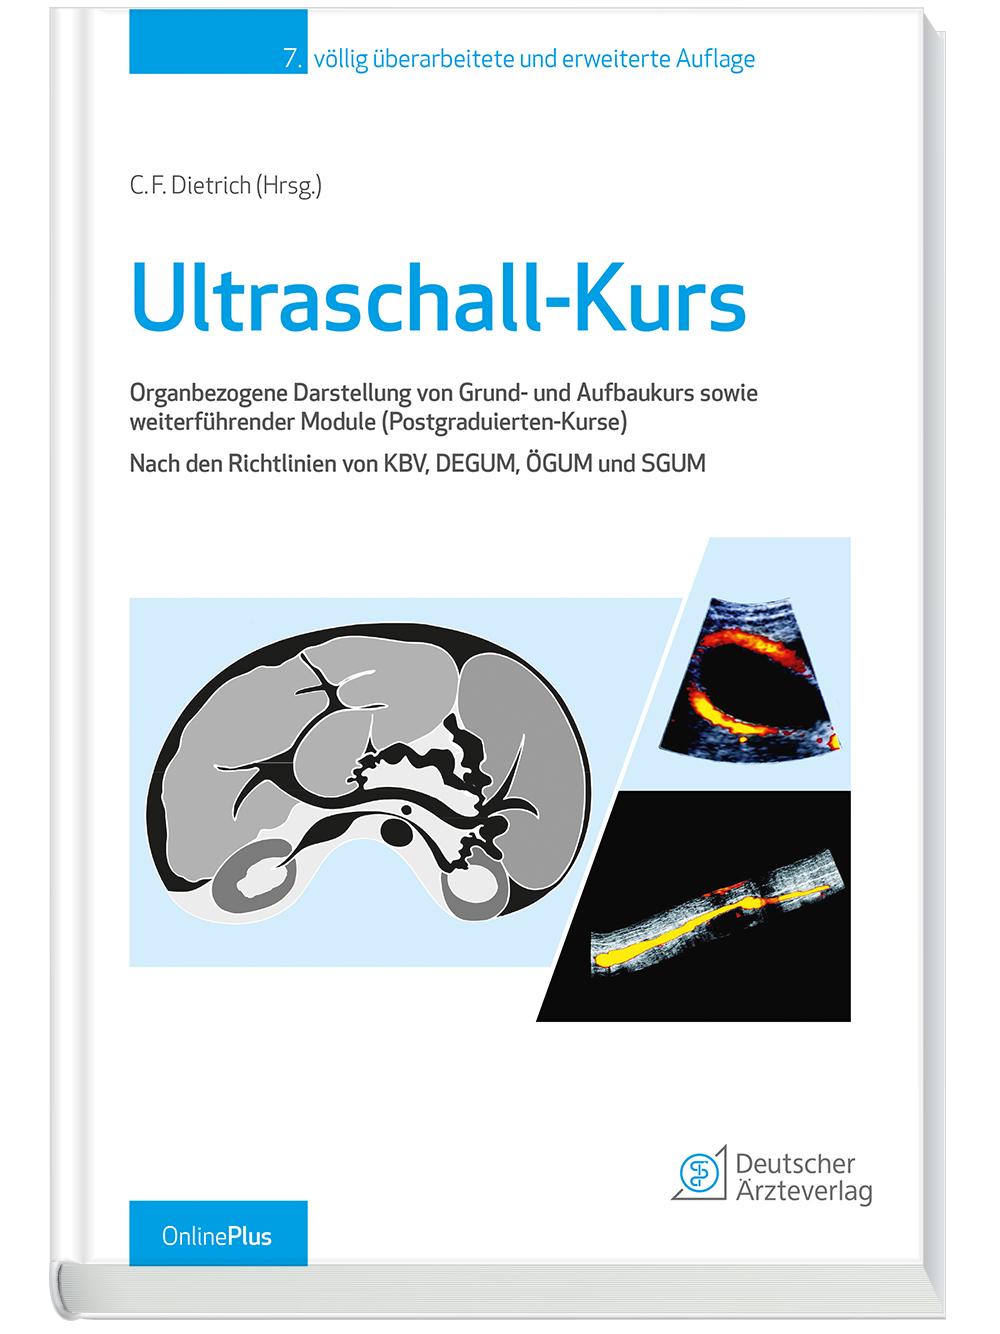 Dietrich, Ultraschall-Kurs